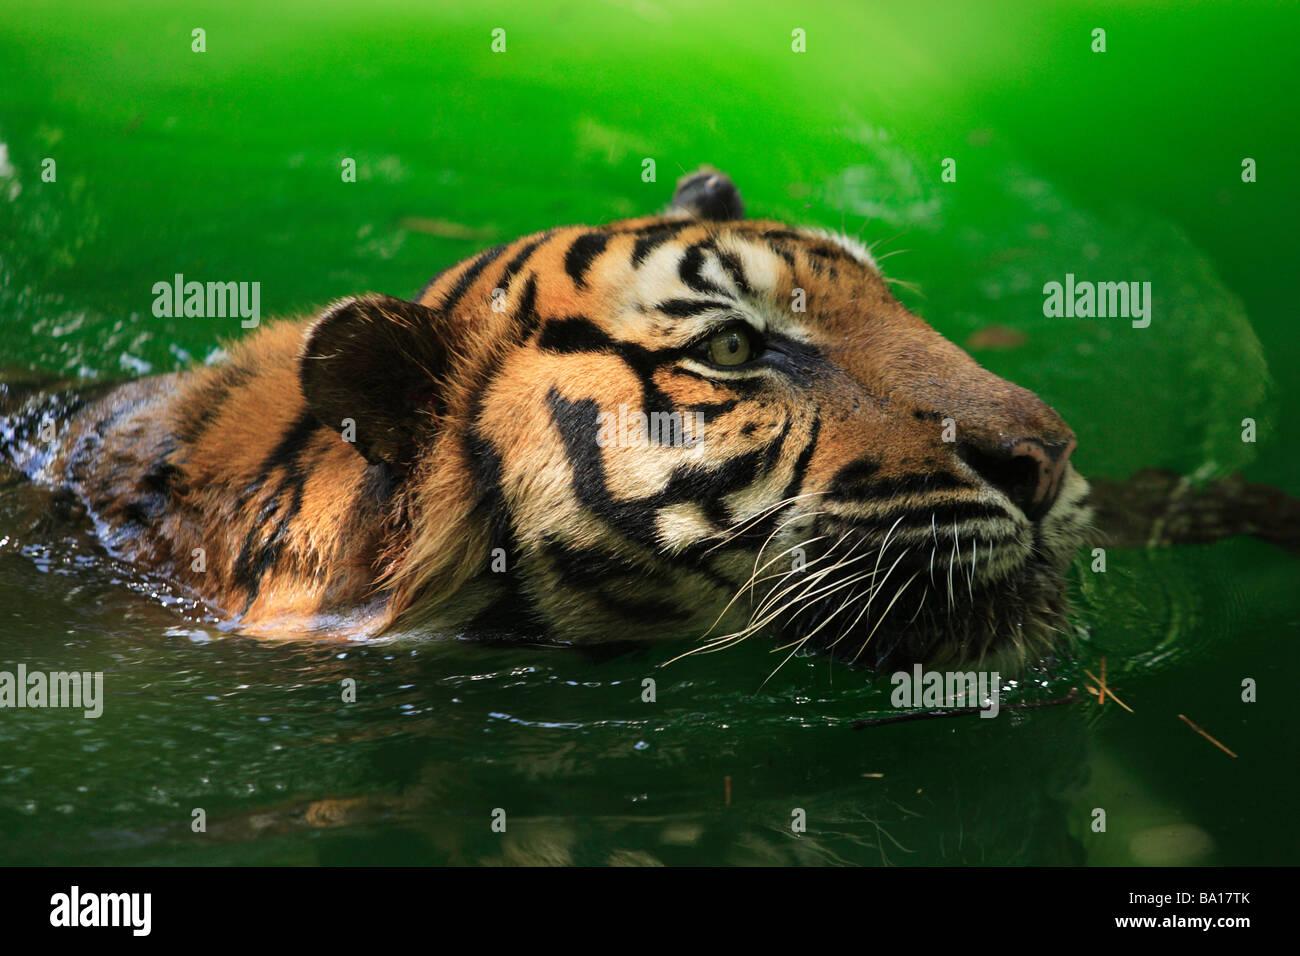 Bengal tiger Panthera tigris tigris swimming in the lake - Stock Image